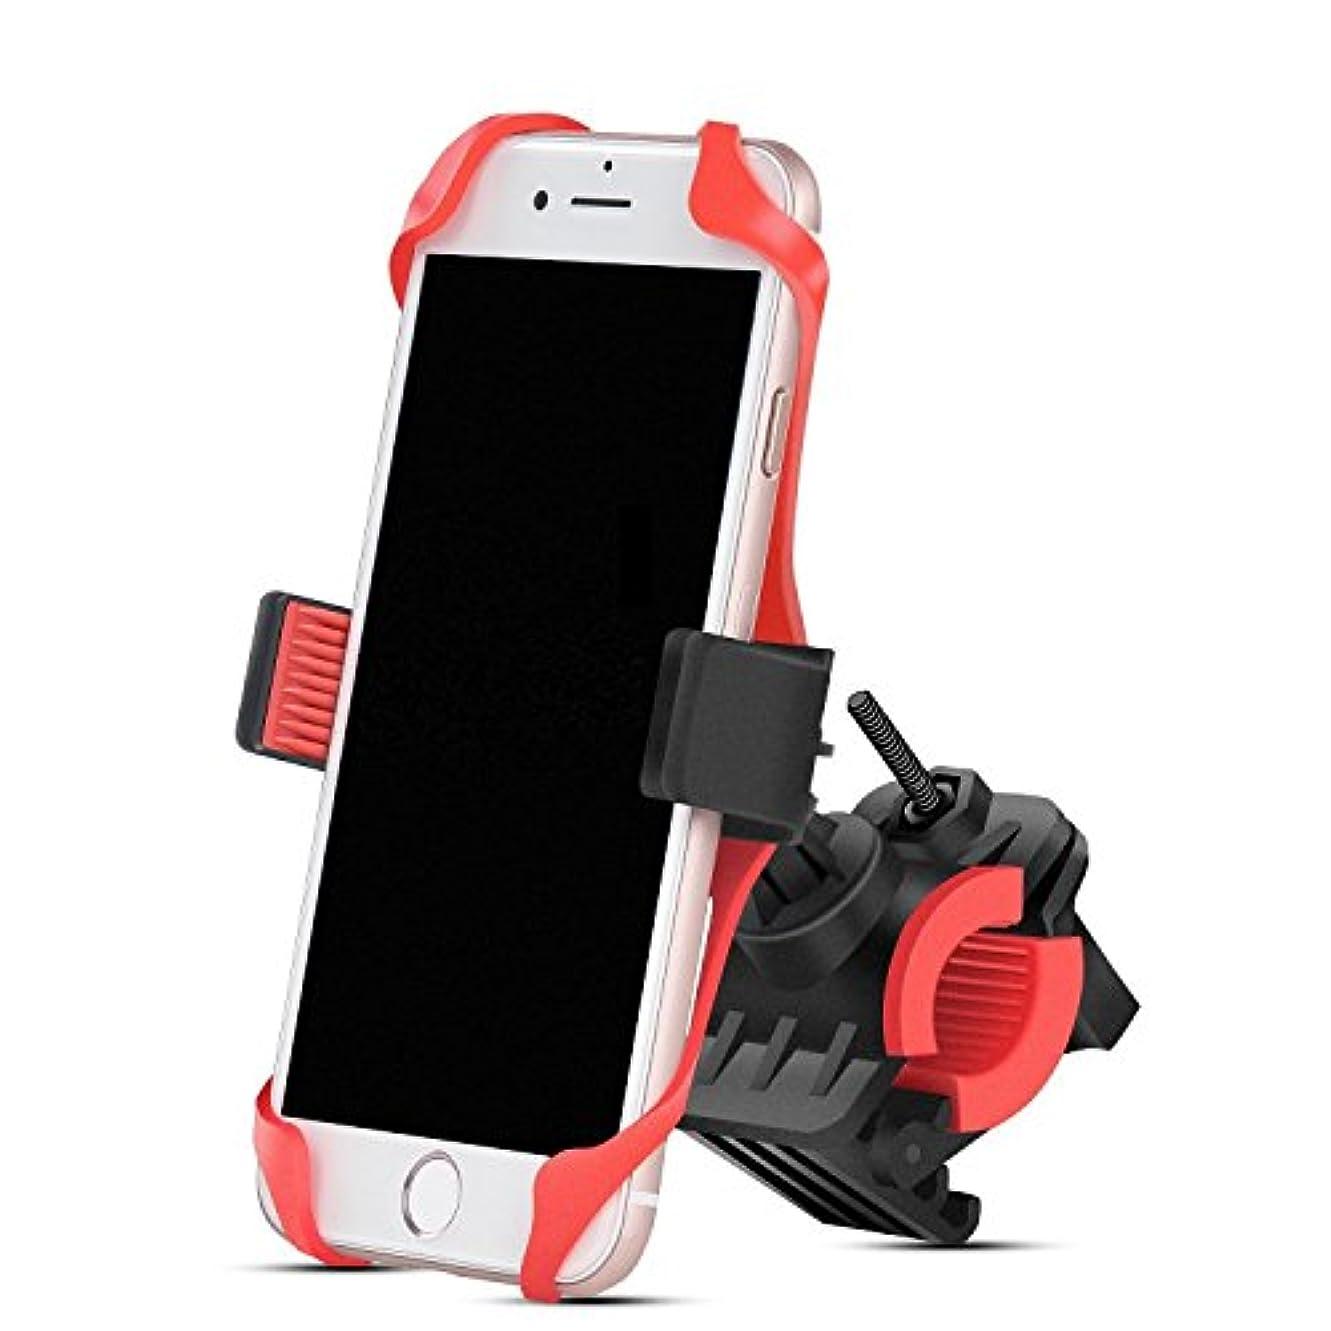 成熟海里ポルノ自転車電話マウント自転車ホルダー、LanXin ユニバーサル携帯電話自転車ラックハンドルバー&オートバイホルダースマートフォンGPSナビゲーション360度回転のためのスタンド